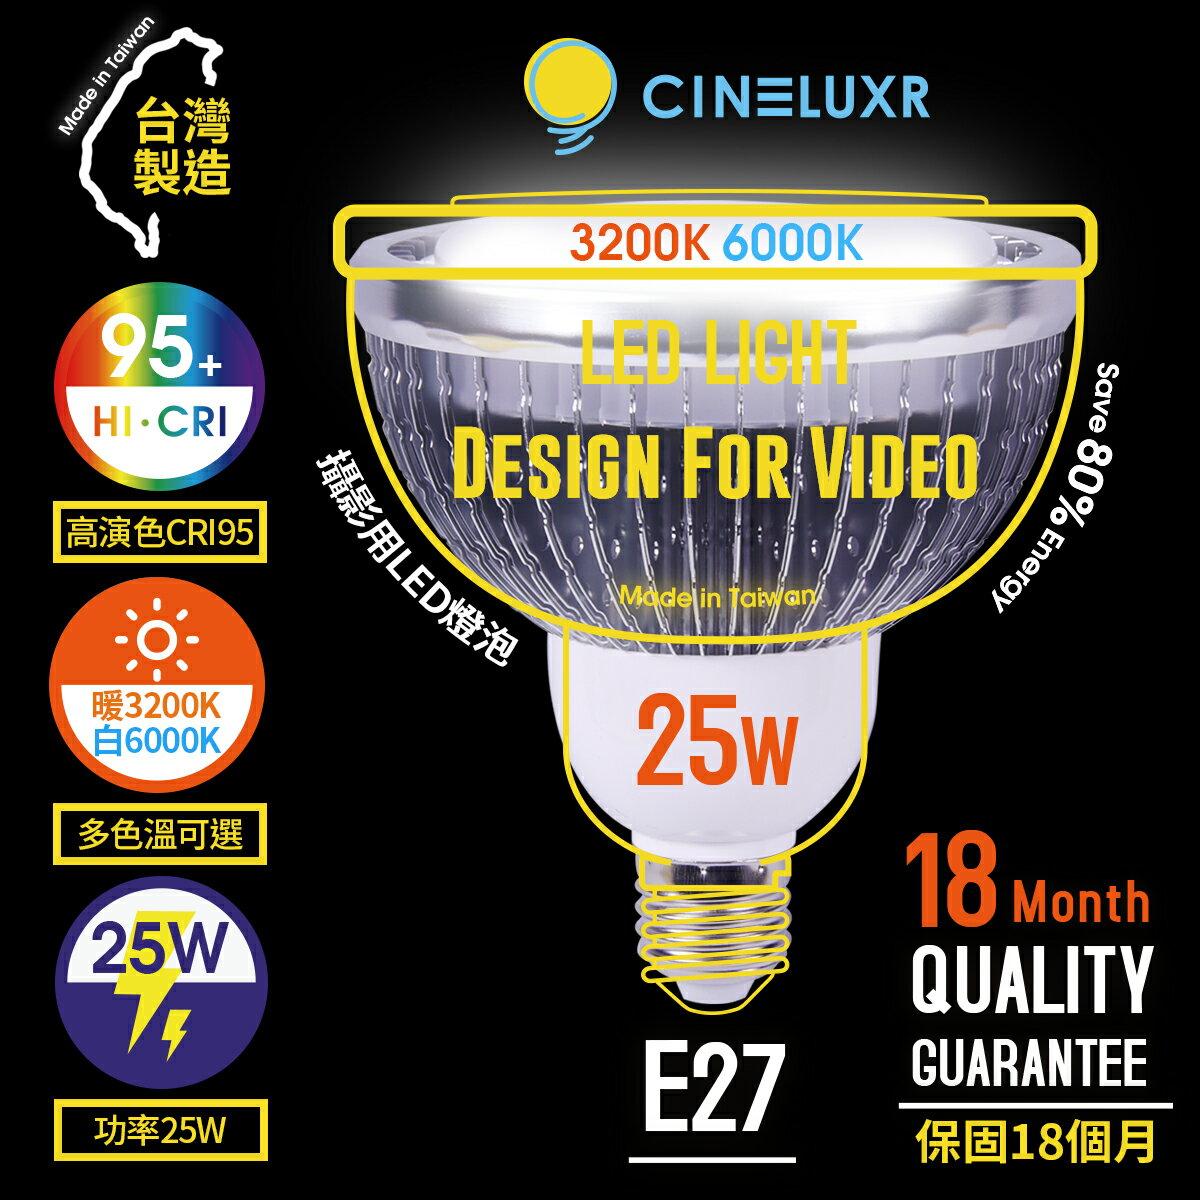 享樂攝影  製Cineluxr 25W 攝影用 LED燈泡 CRI95高演色 無頻閃 錄